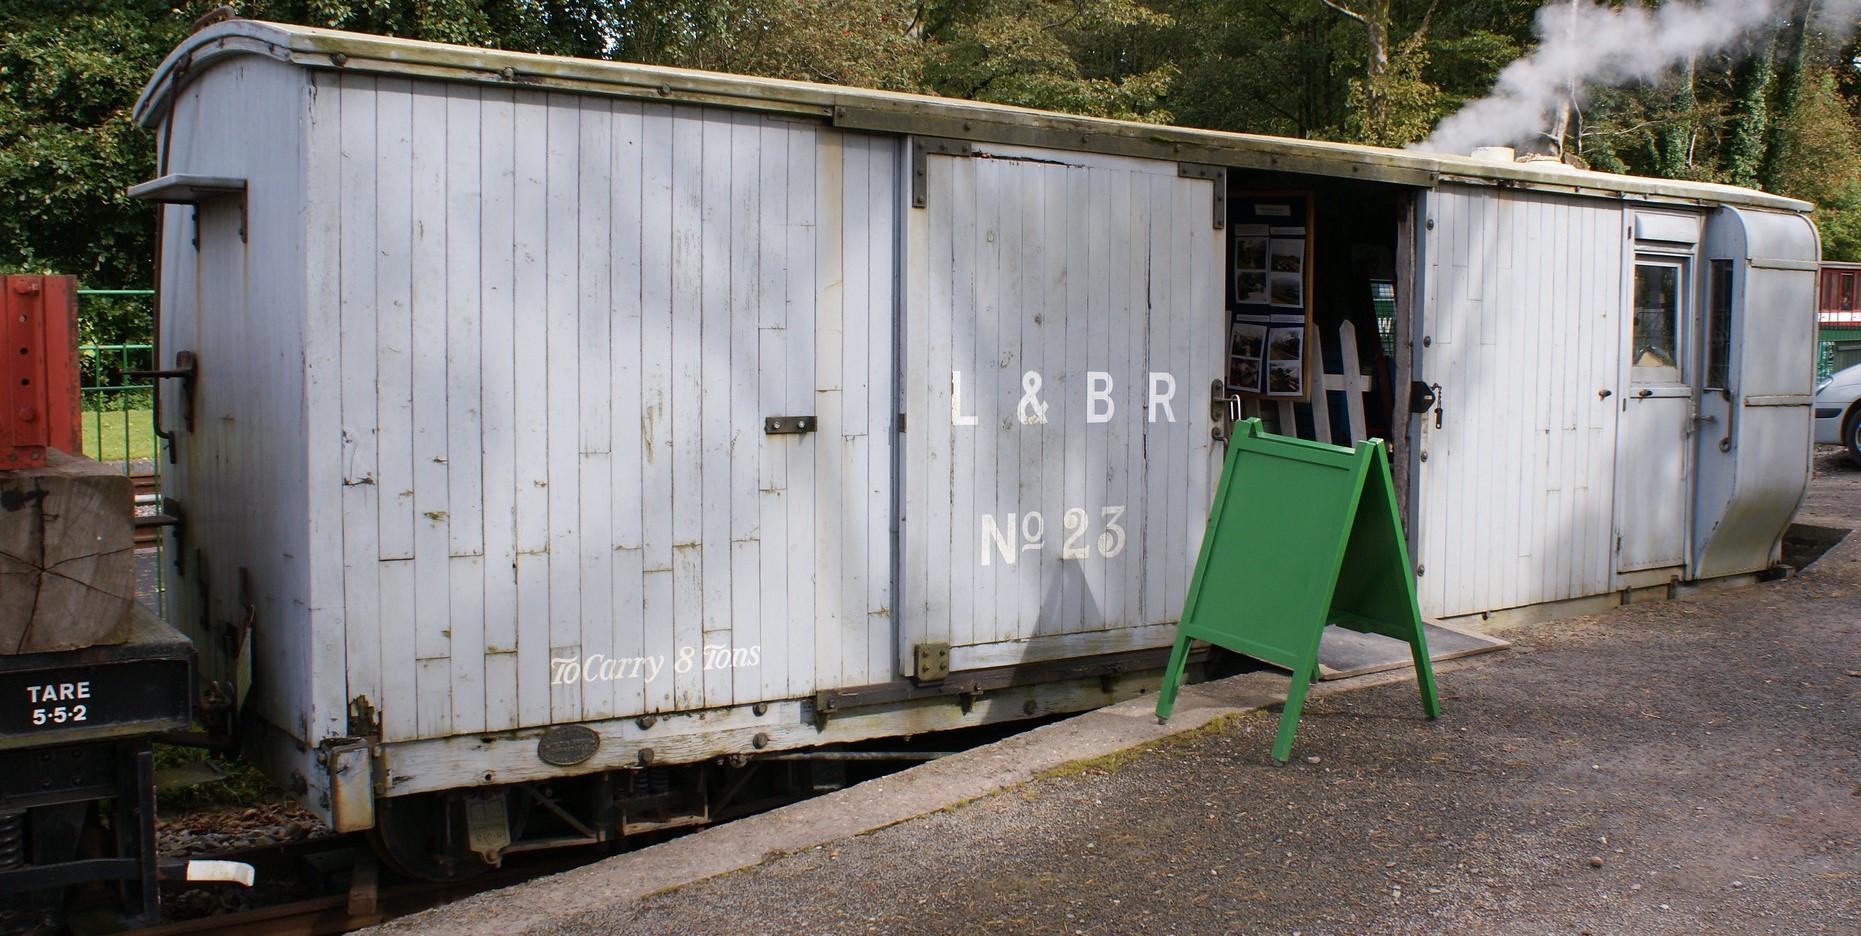 L&B Brake van no.23 at Woody Bay in September 2012. ©Hugh Llewelyn